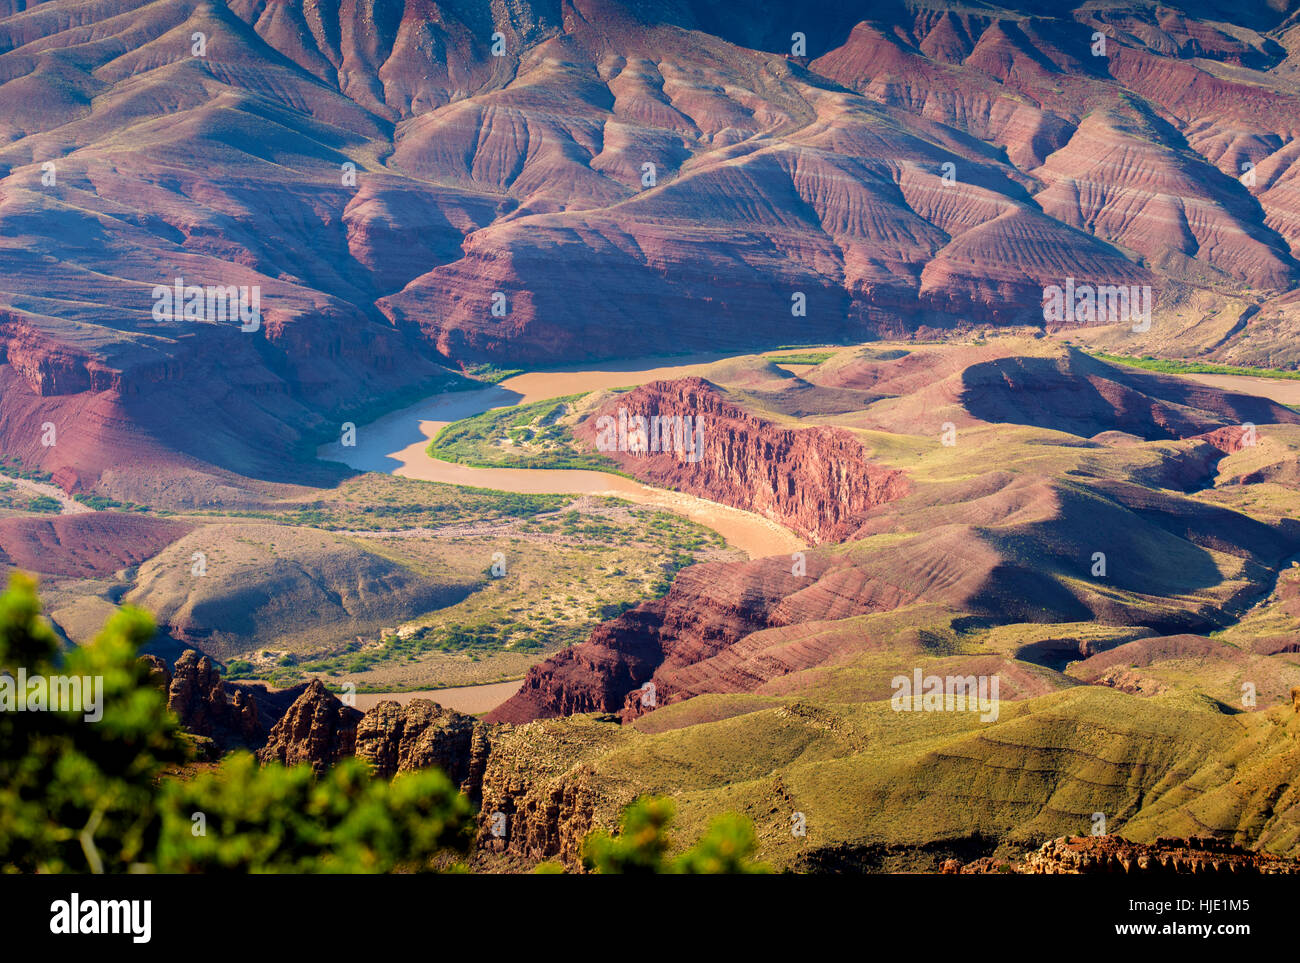 Vista del atardecer desde el punto de Lipan, el Parque Nacional del Gran Cañón, Arizona, EE.UU. Imagen De Stock